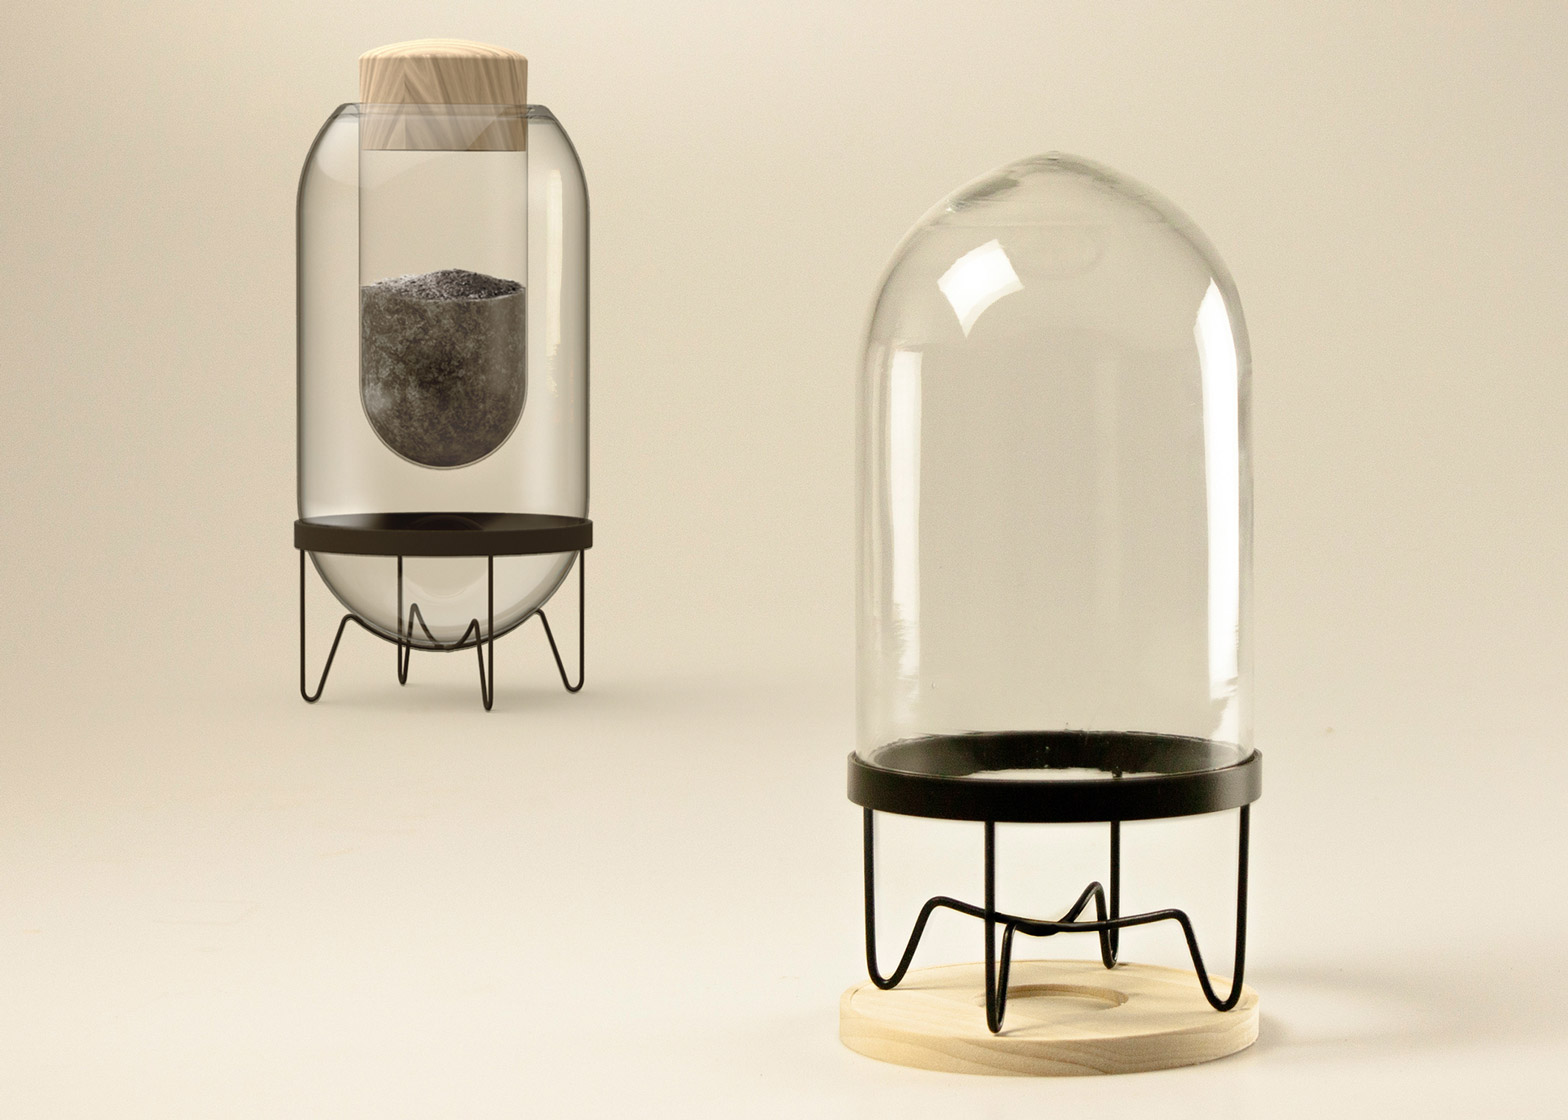 Home Grieving Set SOOT by Franziska Steingen